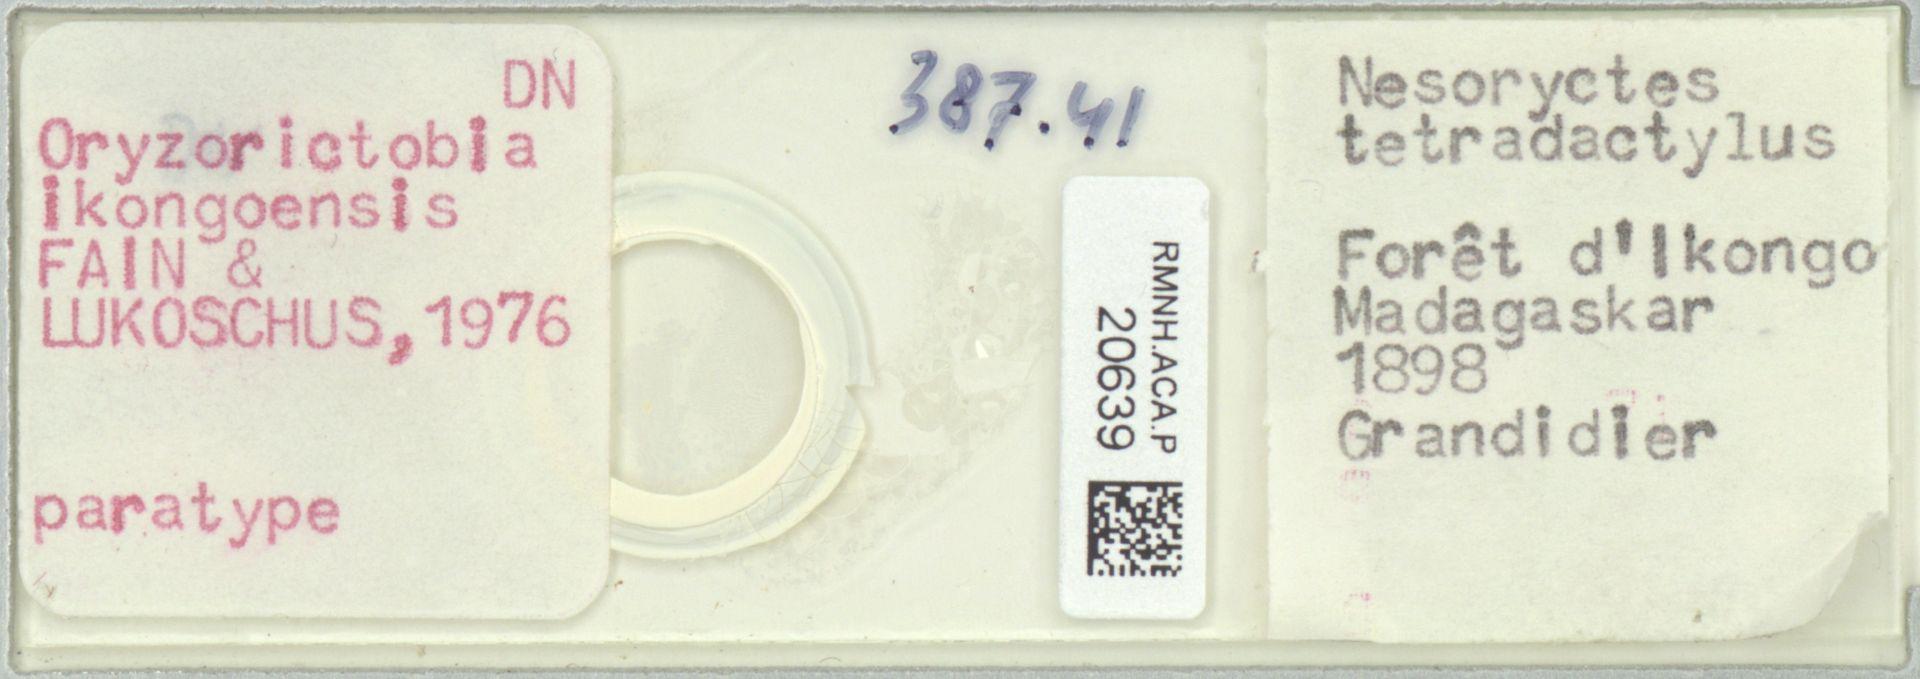 RMNH.ACA.P.20639   Oryzorictobia ikongoensis